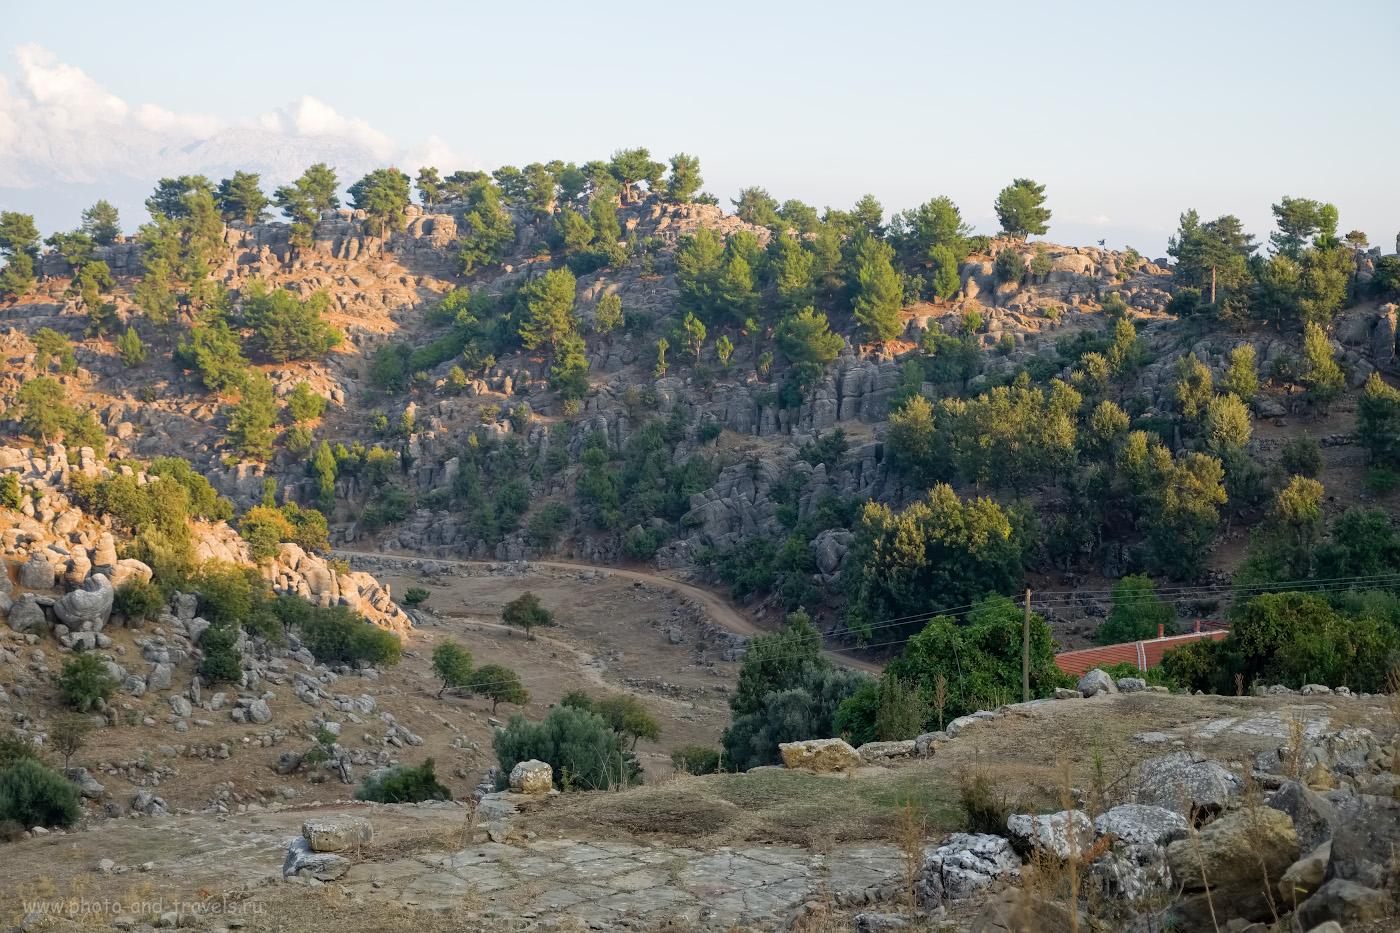 Фото 14. Потрясающая красота. Место, куда обязательно нужно отправиться в пеший поход с палатками или в велосипедный поход. Отзывы туристов о самостоятельном осмотре достопримечательностей Турции. В этом месте я должен был «залезть туда». 1/750, 2.8, 200, -0.33, 35.